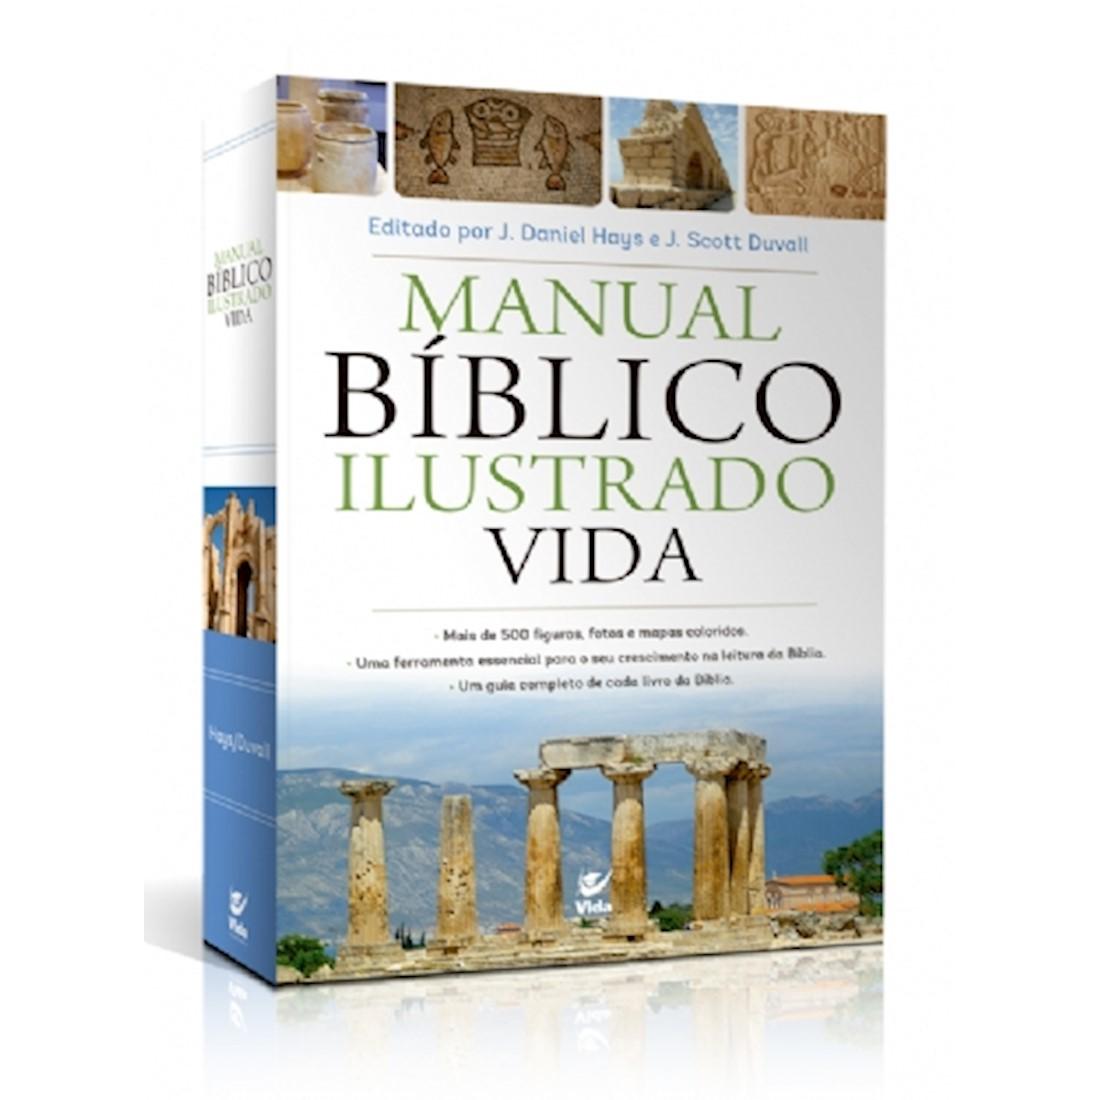 Livro Manual Bíblico Ilustrado Vida